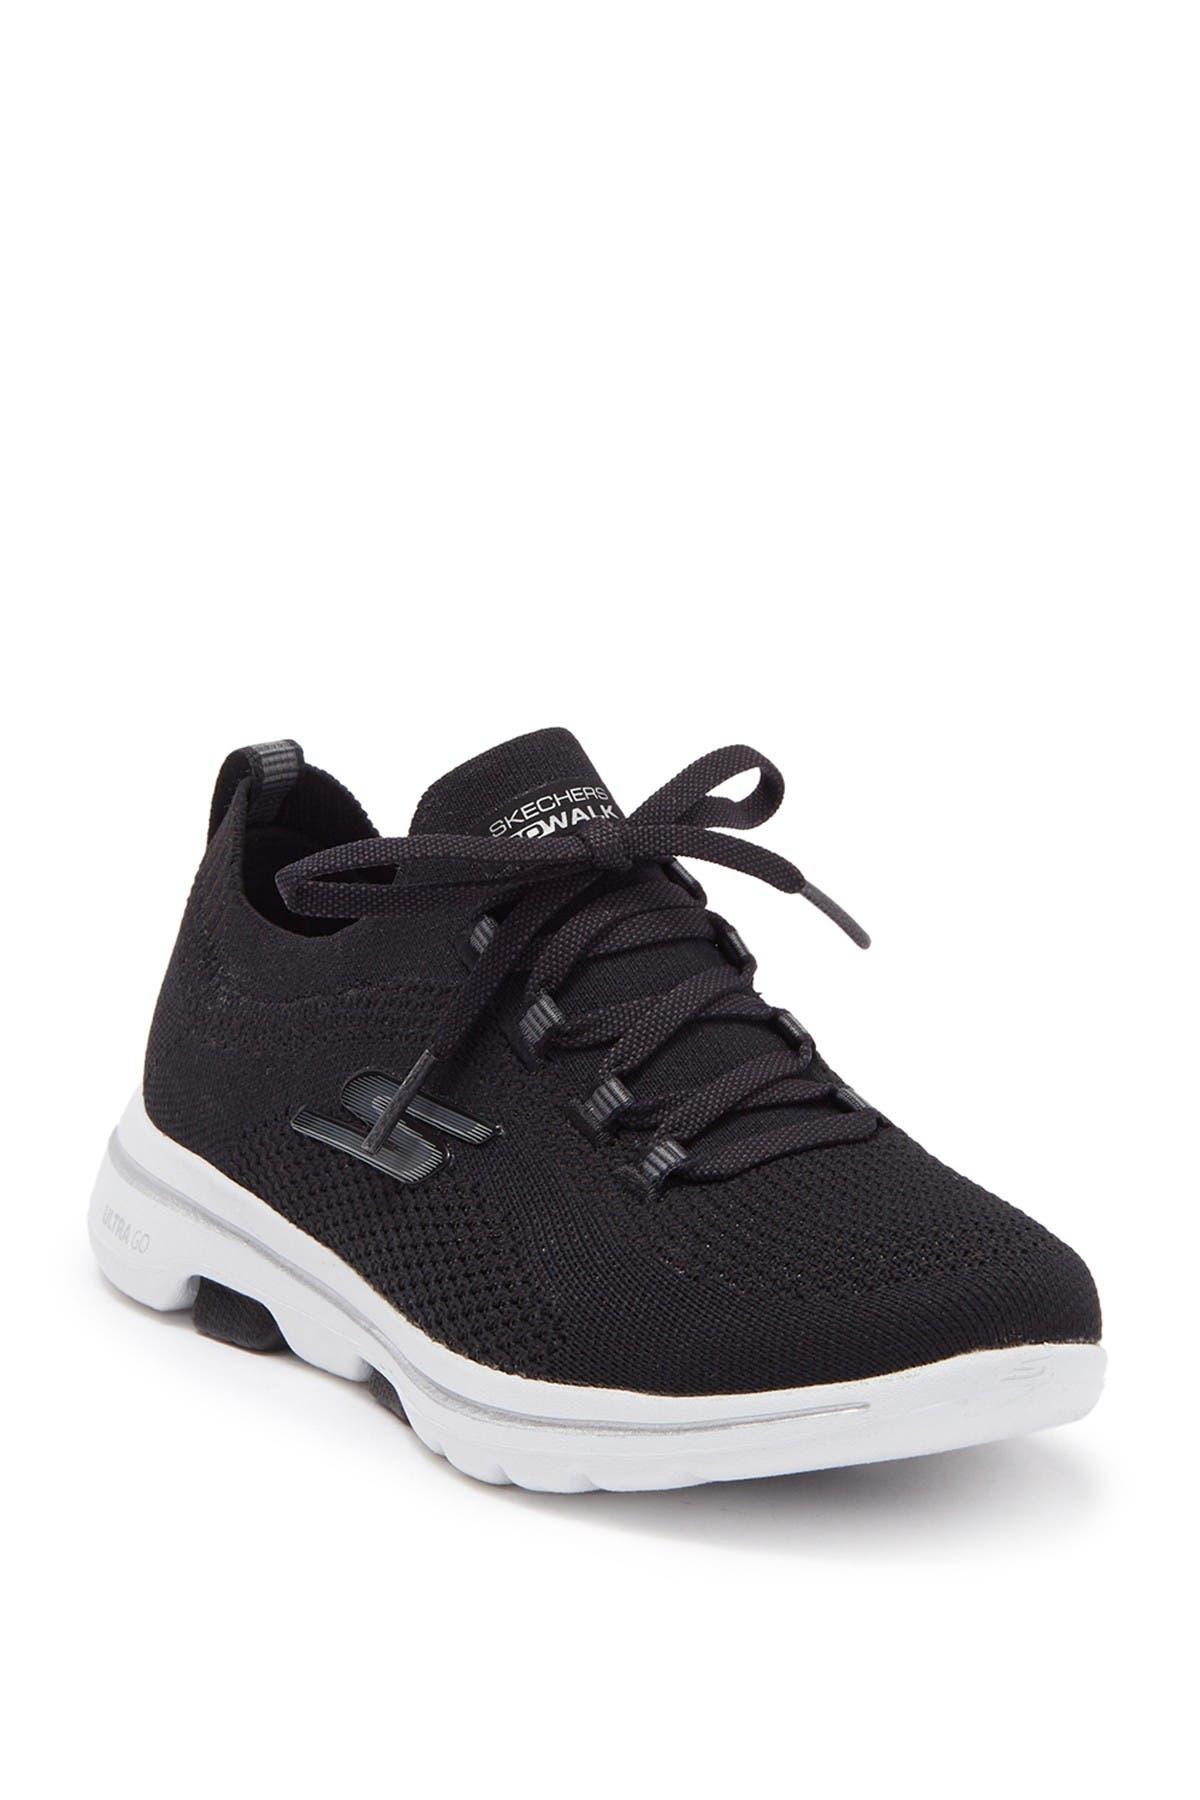 Image of Skechers Go Walk 5-Uprise Sneaker